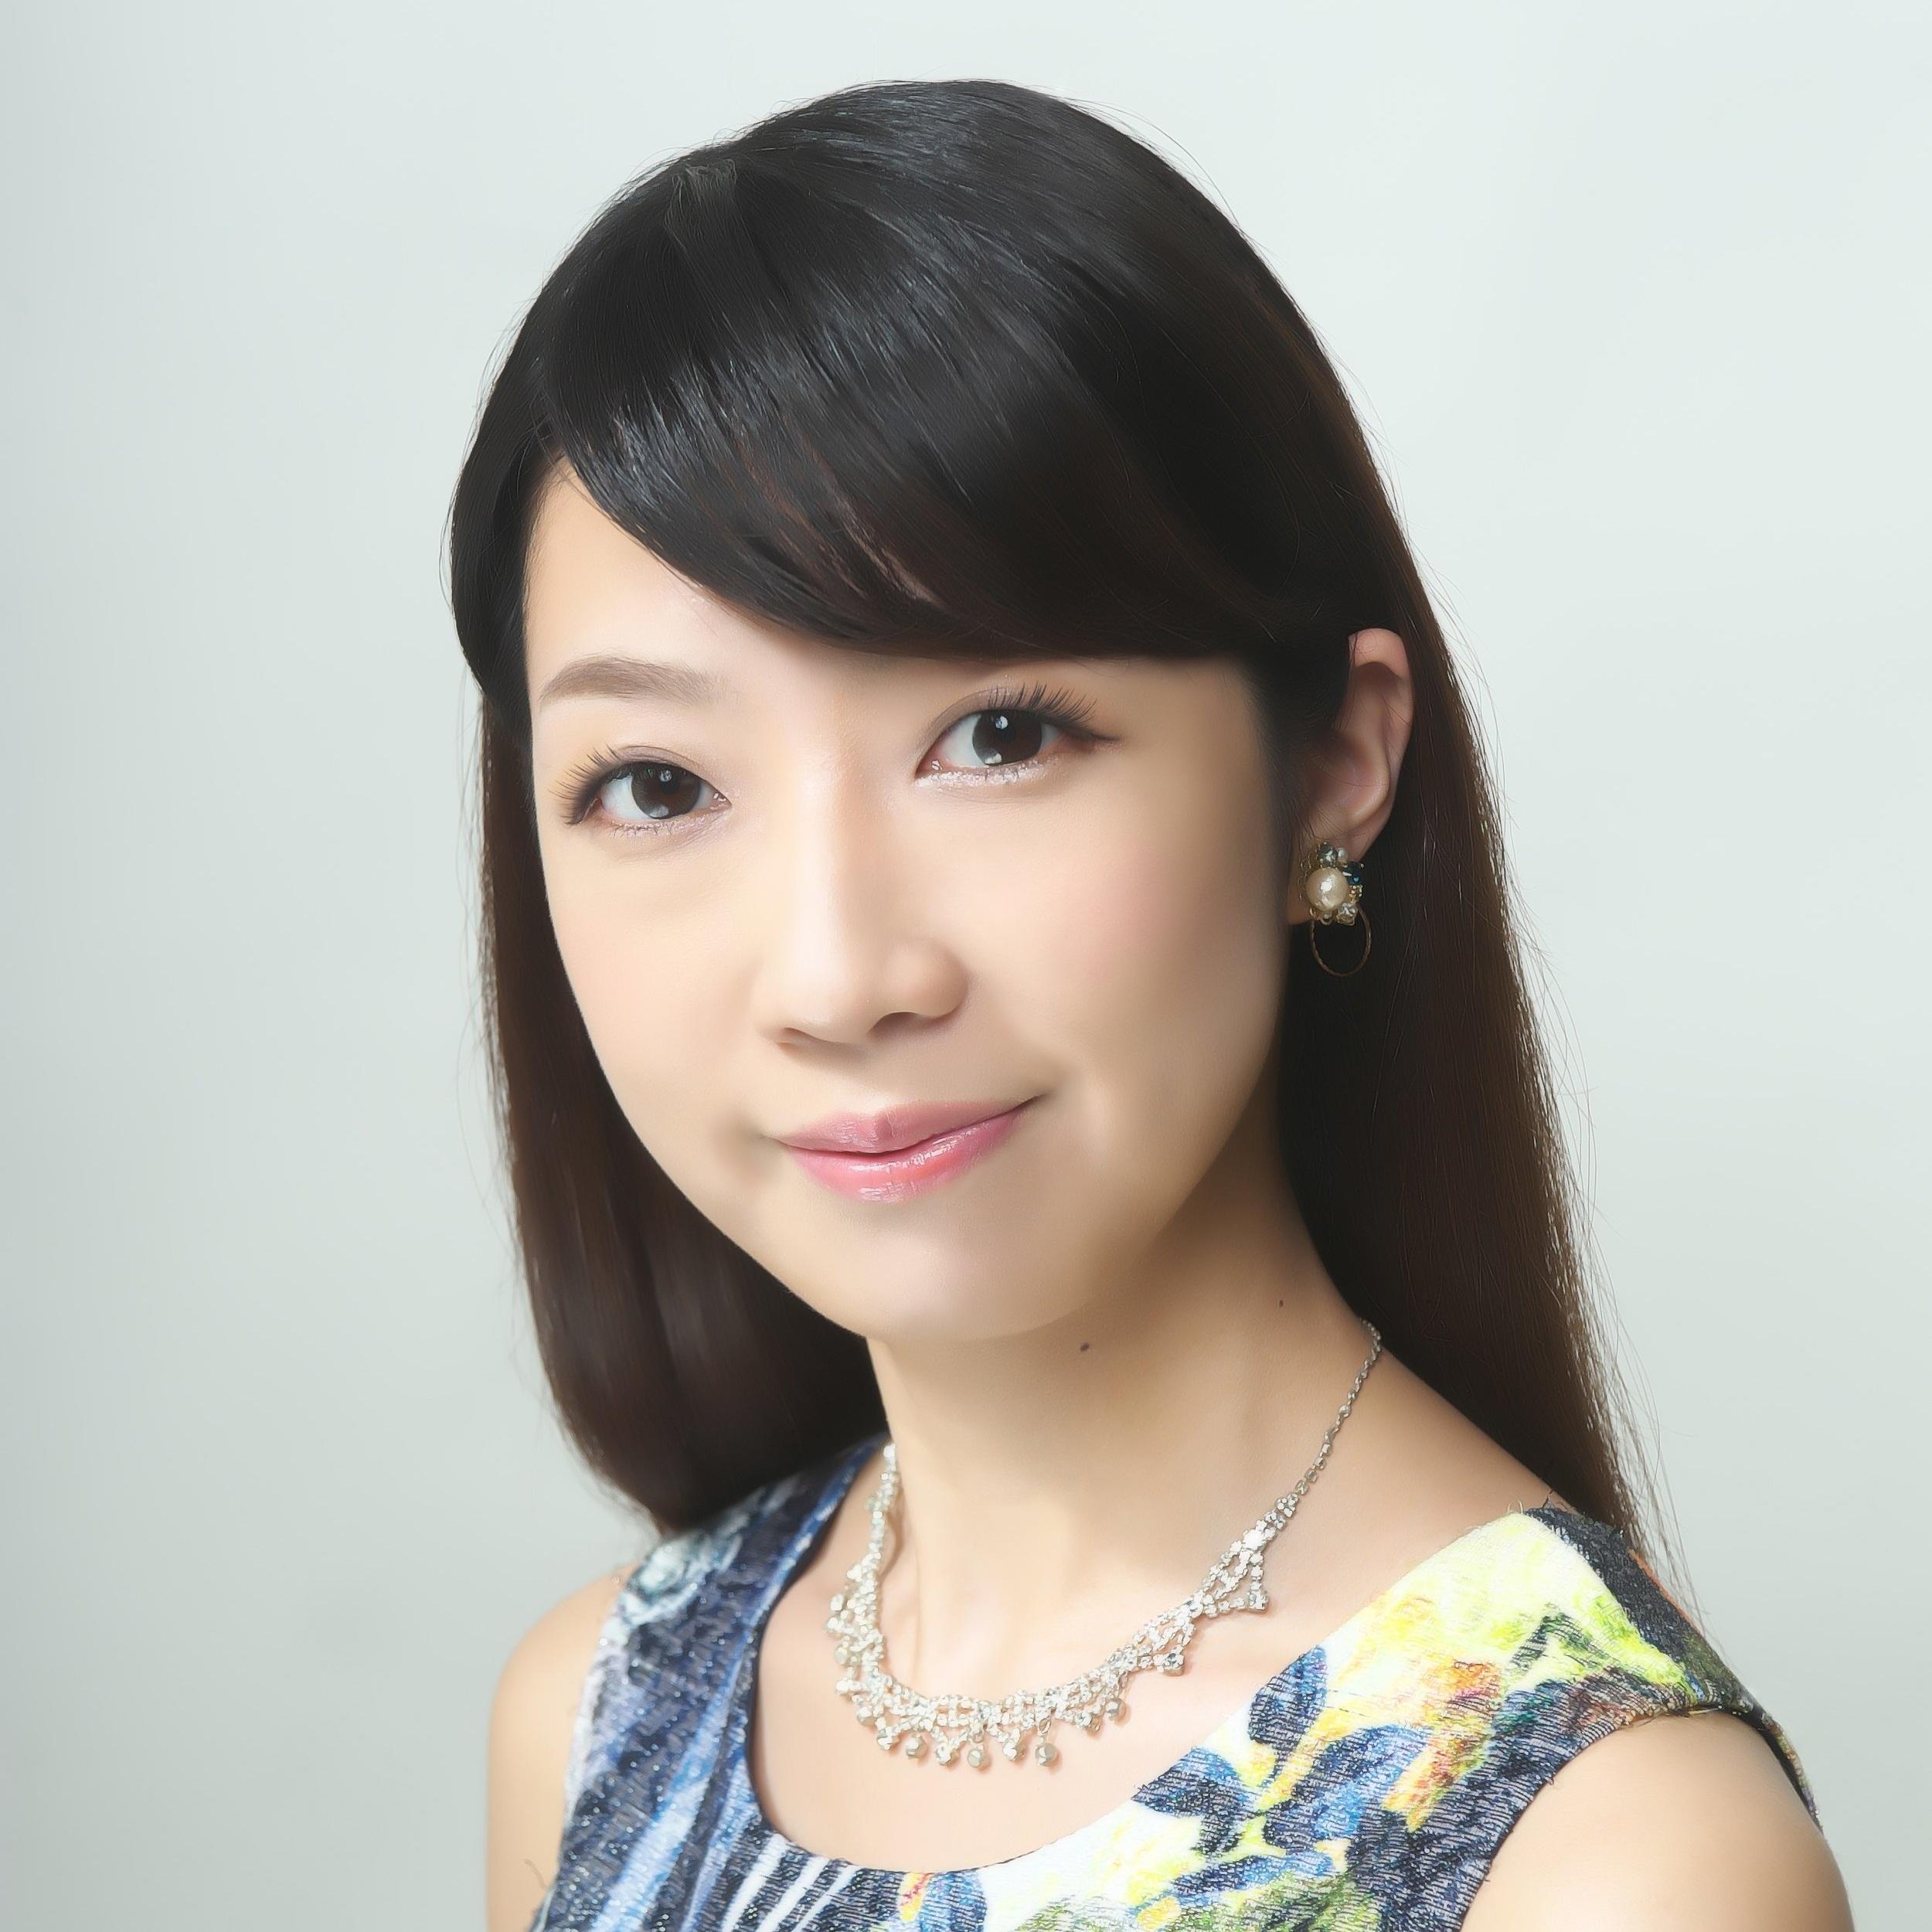 Yuka+Ishimaru%E2%92%B8Naoko+Nagasawa.jpg